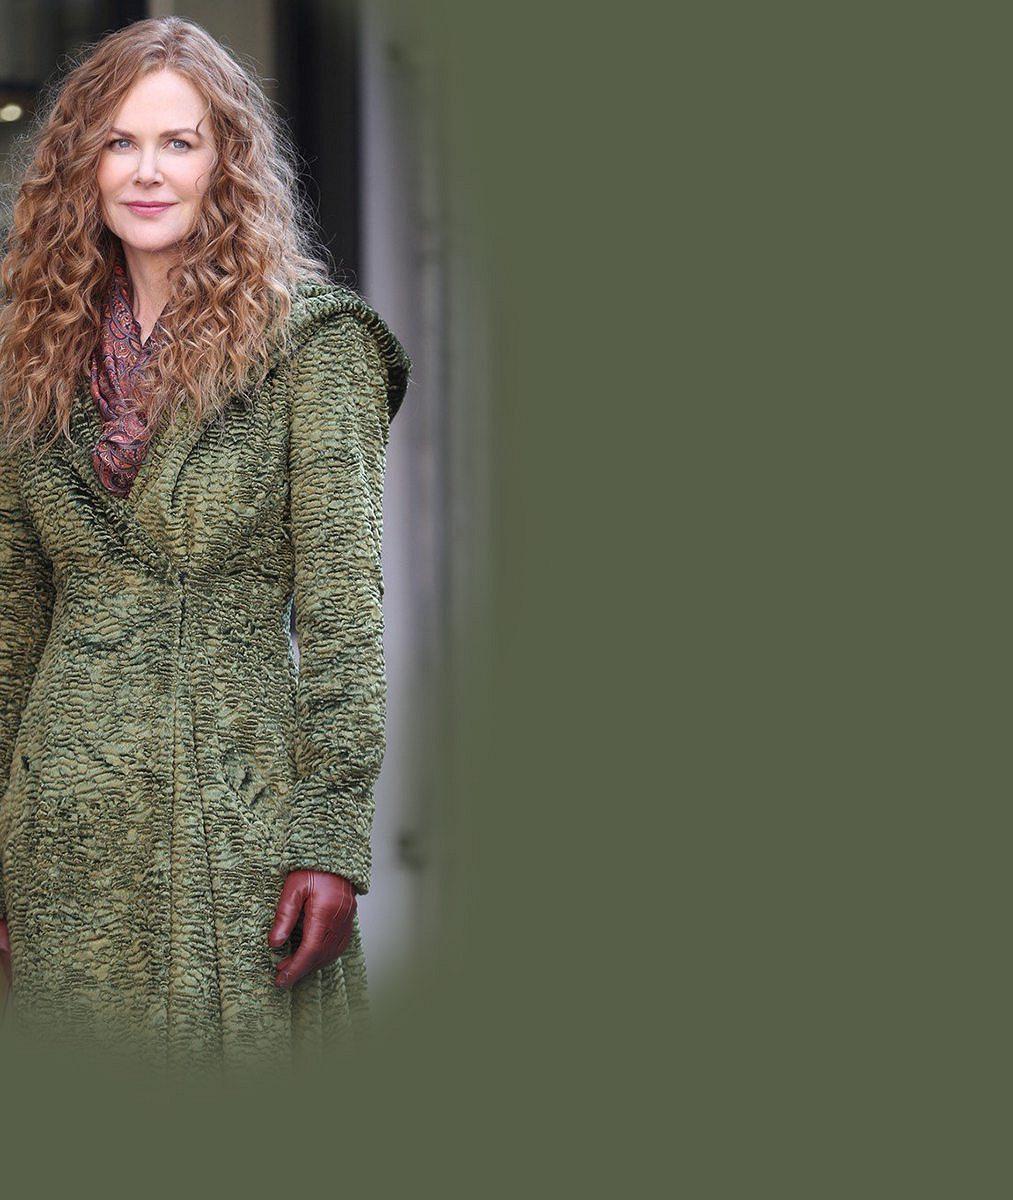 8účesů sexy zrzky Nicole Kidman: Podívejte se, jak se měnila během své kariéry